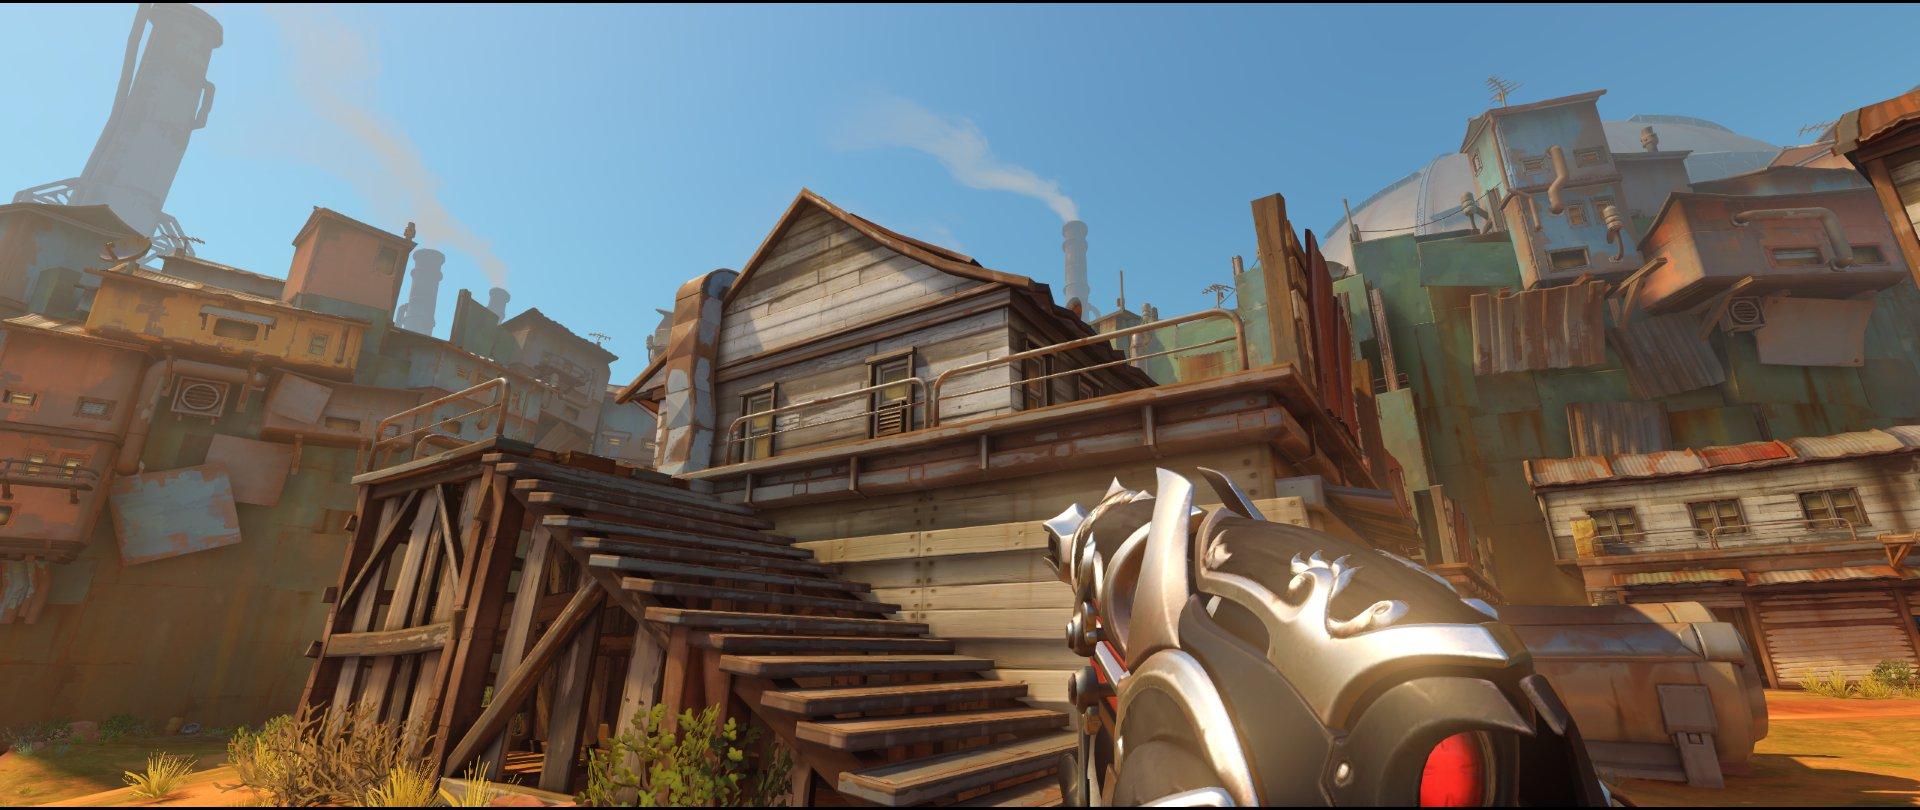 Apartment attack Widowmaker sniping spot Junkertown.jpg